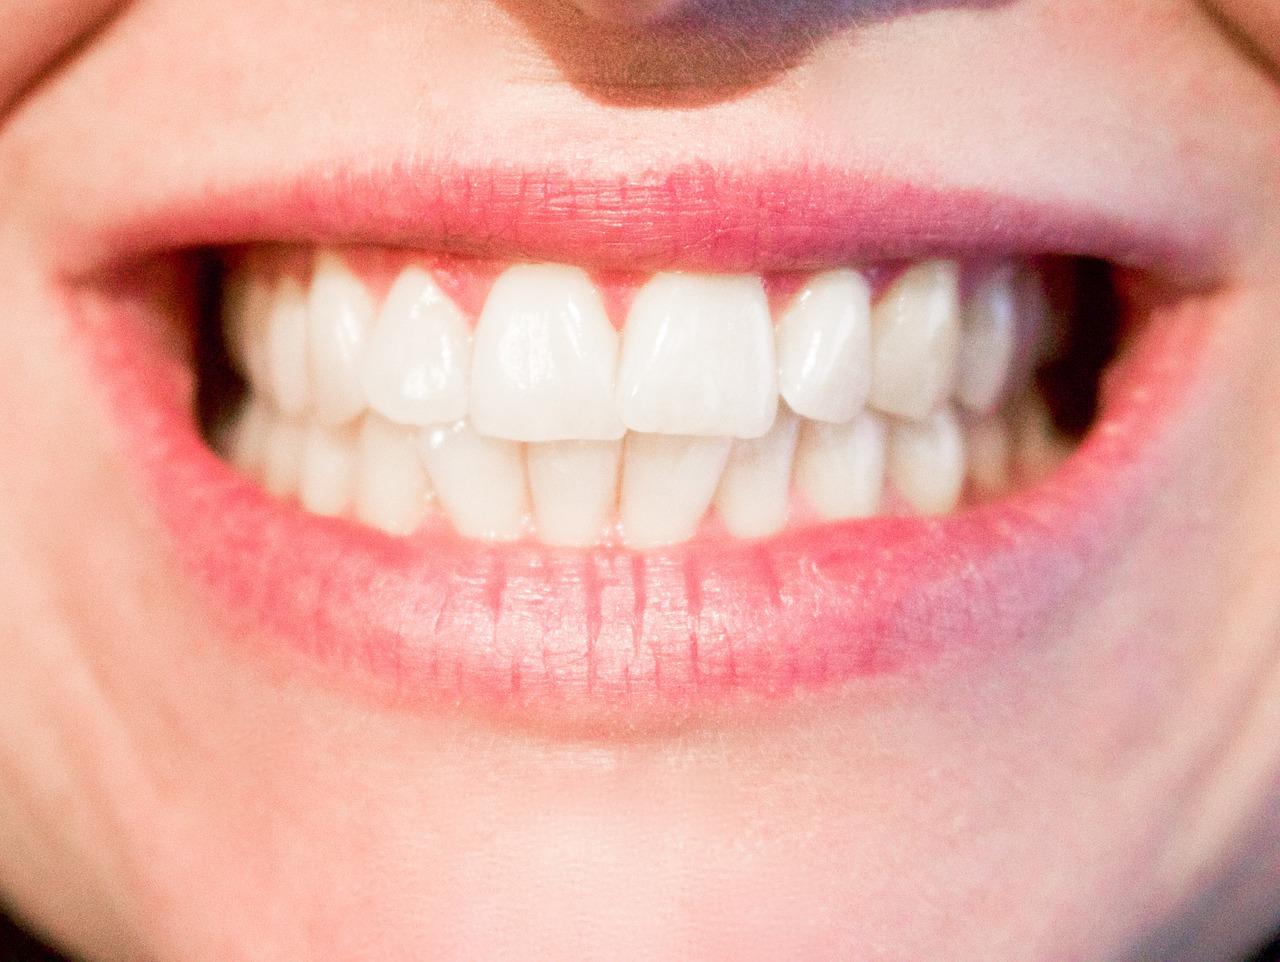 teeth 1652976 1280 - 【エロ情報】 実は外見だけでわかる!その女性が「名器」かどうかが分かる方法7選